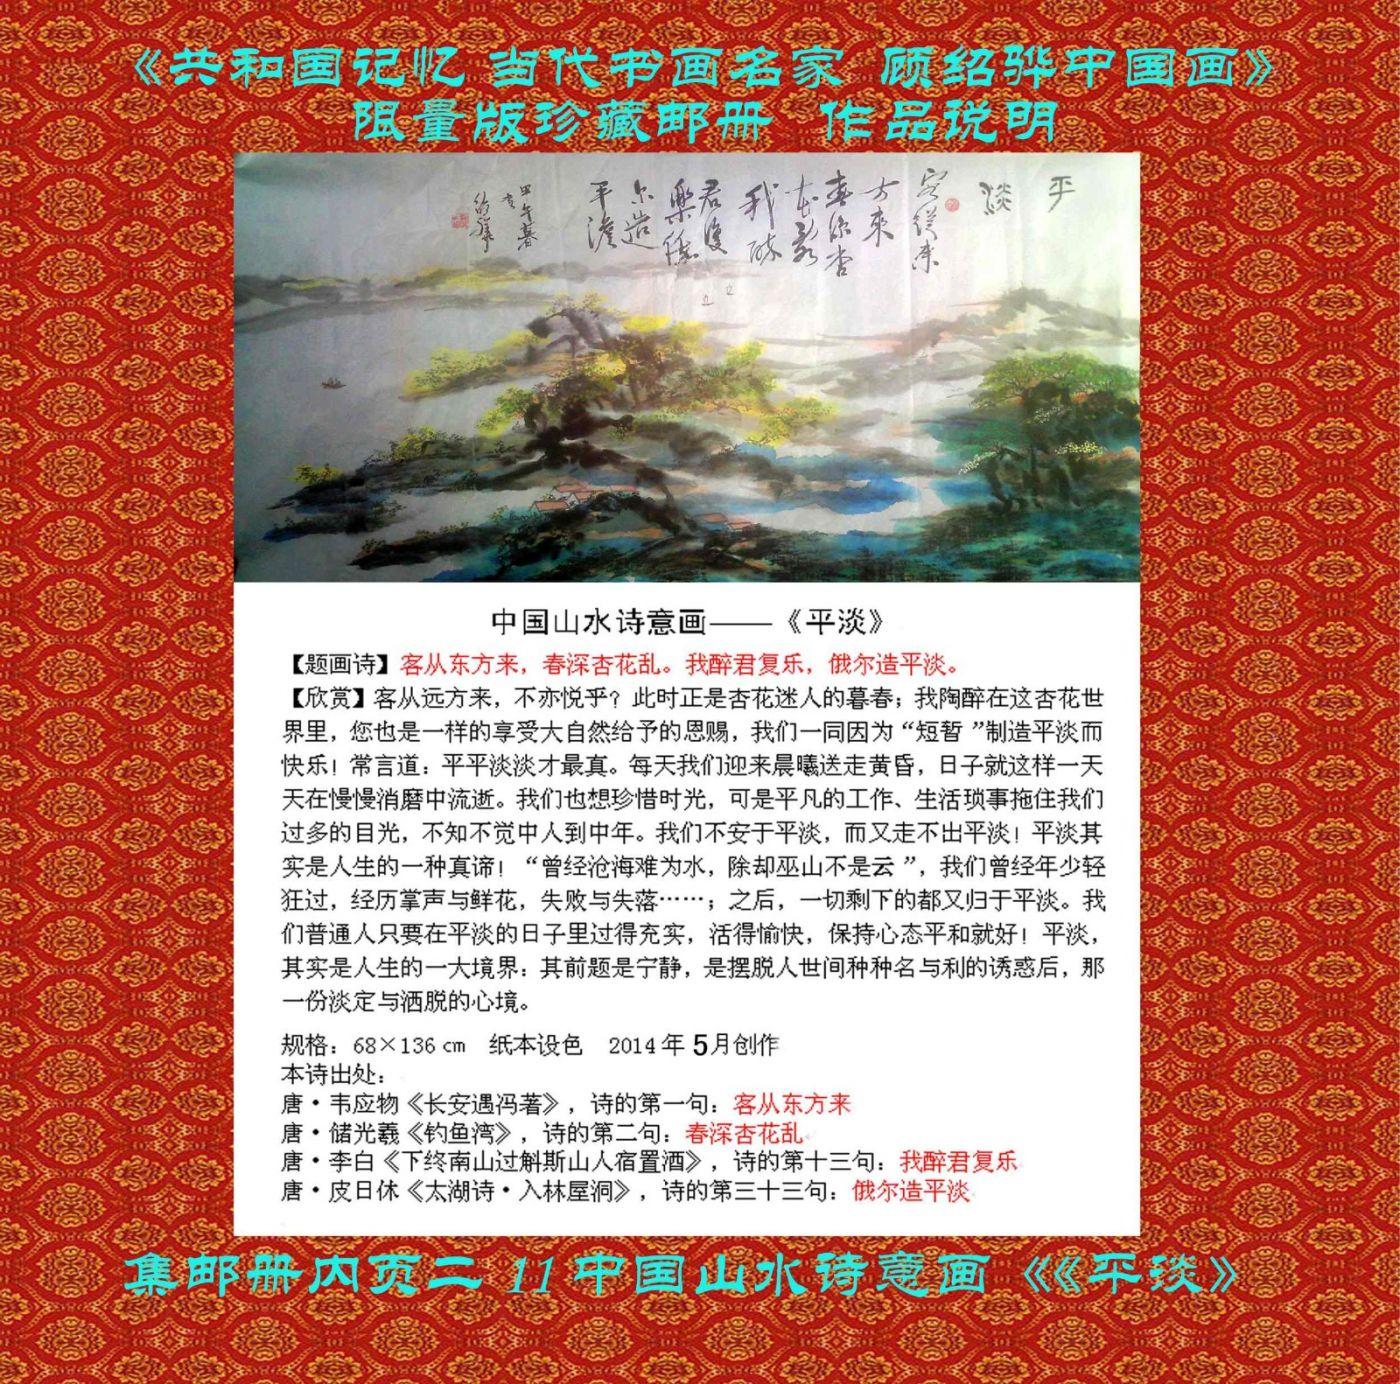 """""""顾绍骅的诗情画意""""入选《共和国记忆 ·中国书画艺术名家》限量版集邮珍藏册 ..._图1-14"""